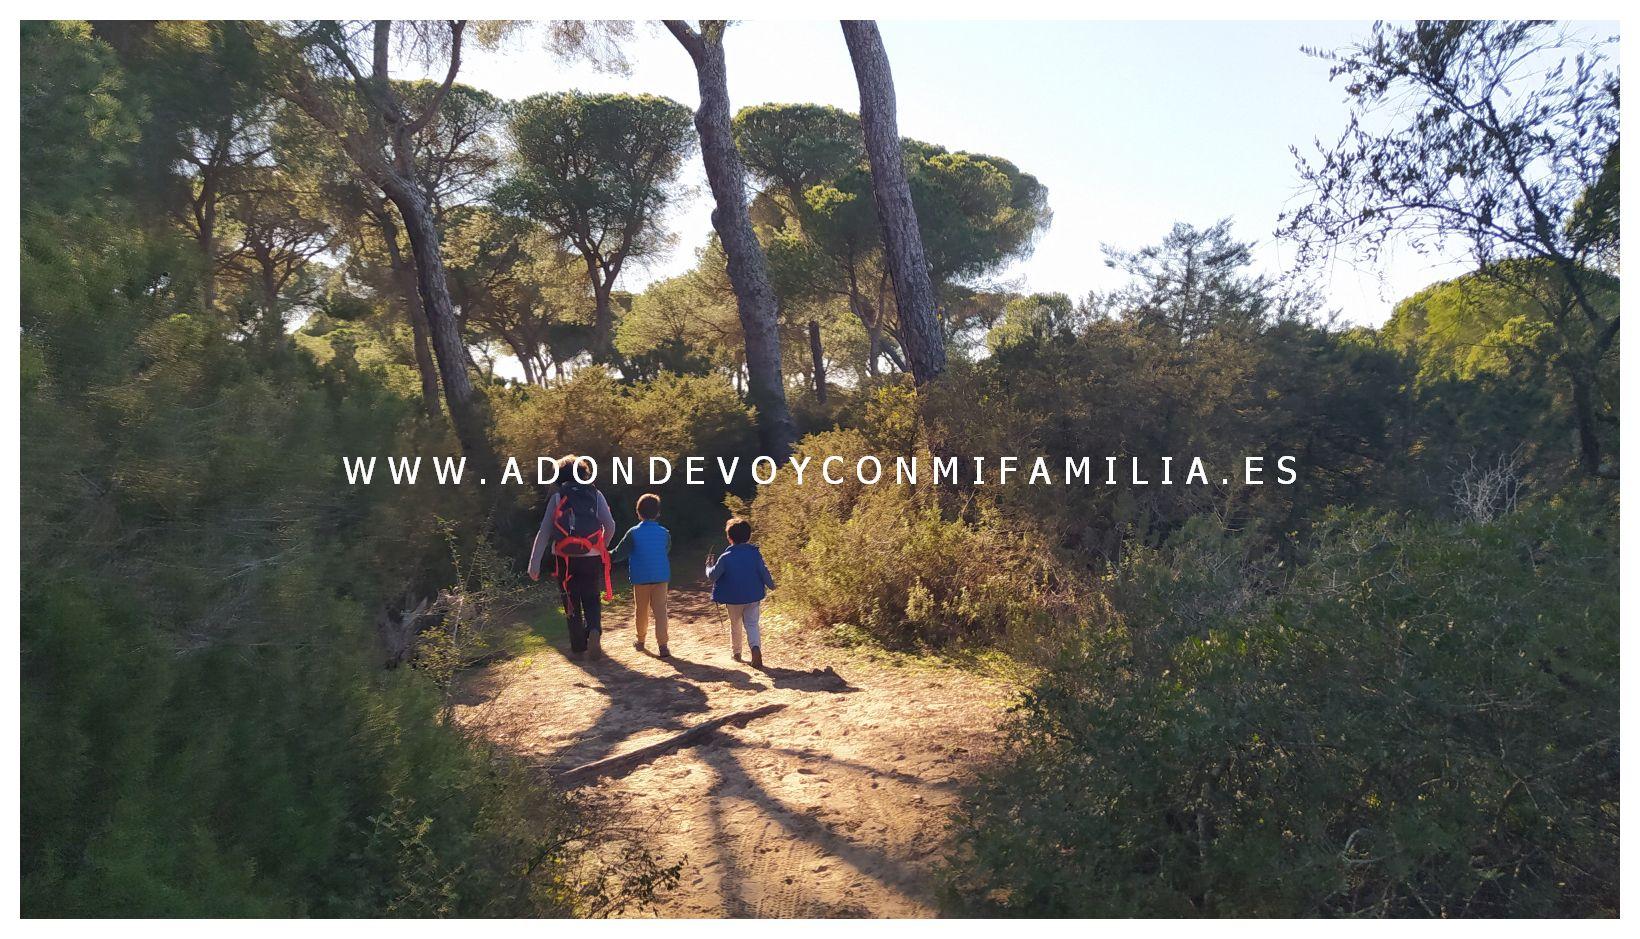 sendero cerro del aguila pinar de la algaida sanlucar adondevoyconmifamilia 36